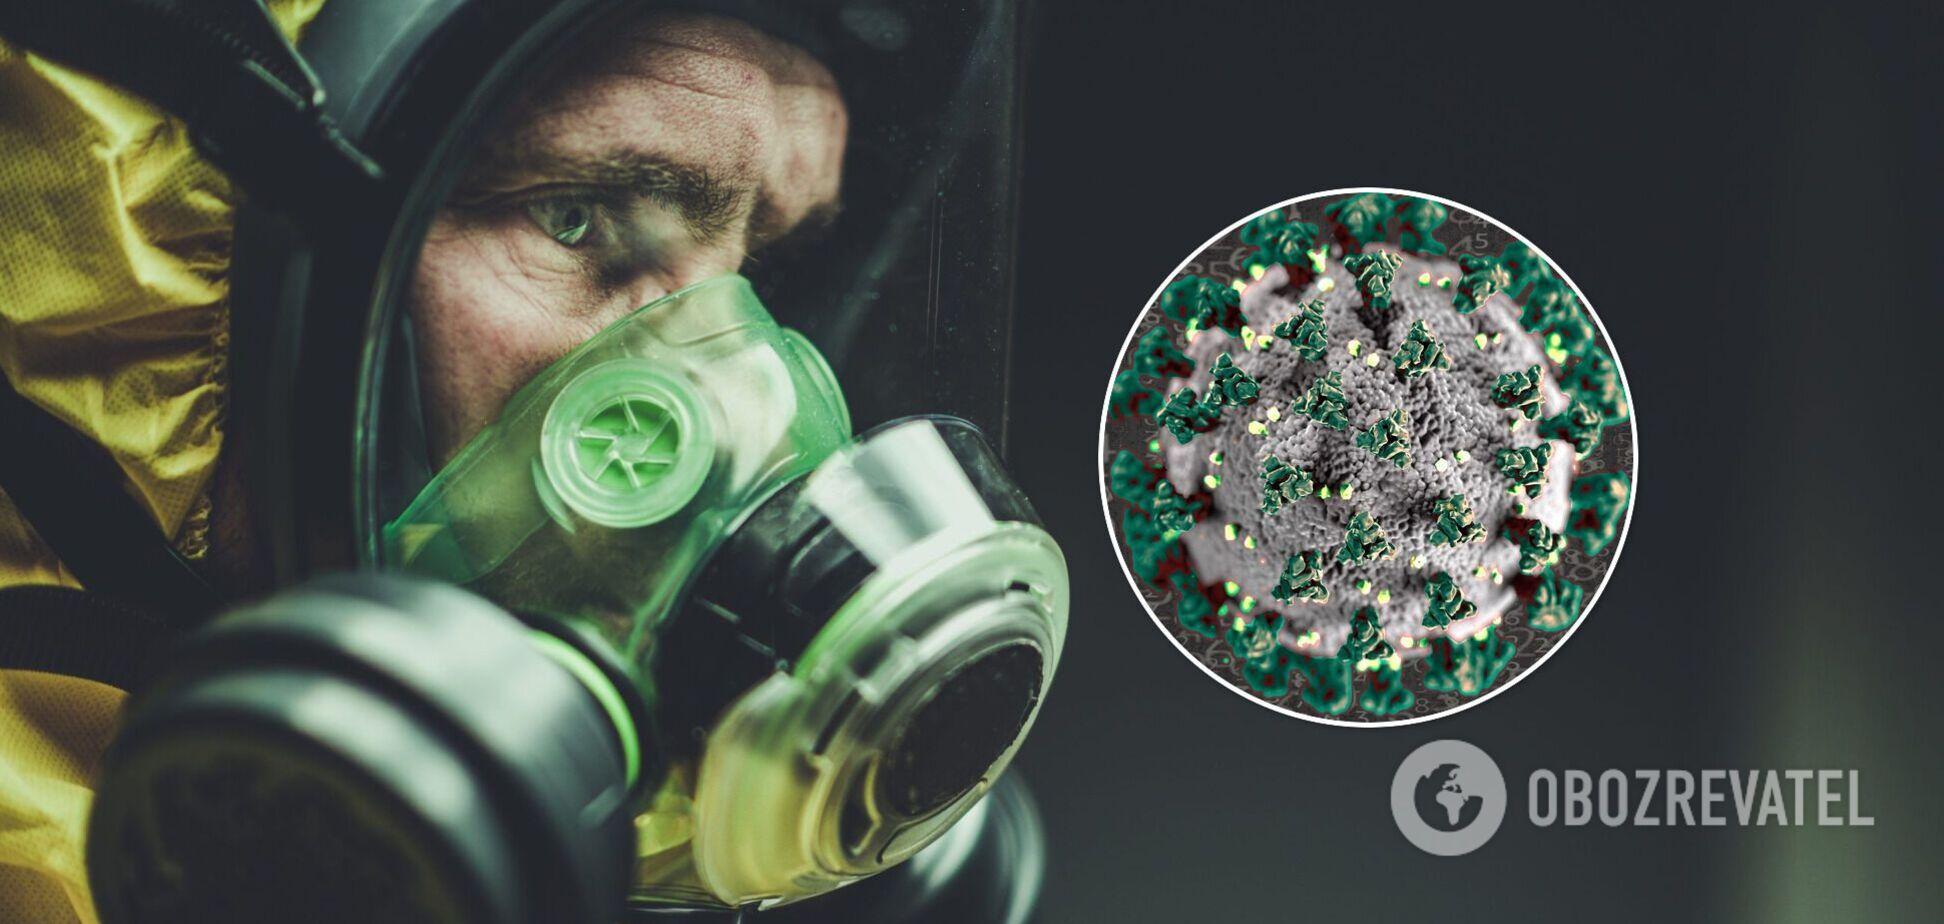 Хроніка коронавірусу на 12 червня: за добу захворіло понад 400 тисяч осіб